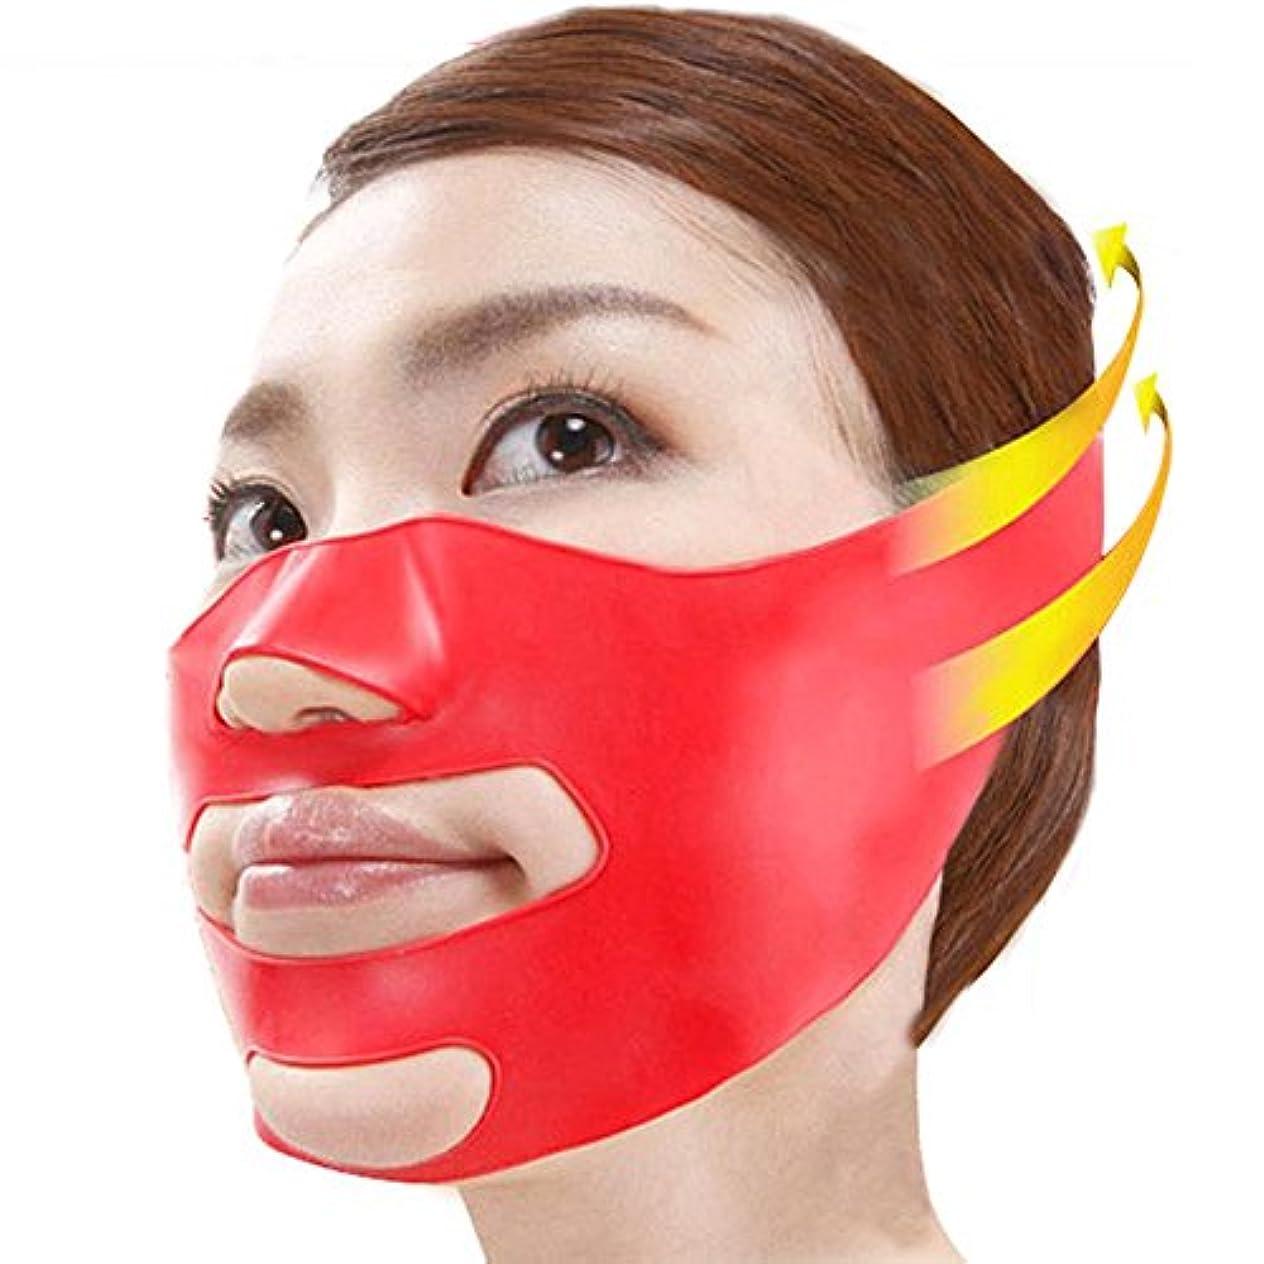 通りテンポ誤解を招く3D 小顔 マッサージグッズ フェイスマスク 美容 顔痩せ ほうれい線 消す グッズ 美顔 矯正 (フリーサイズ, レッド)